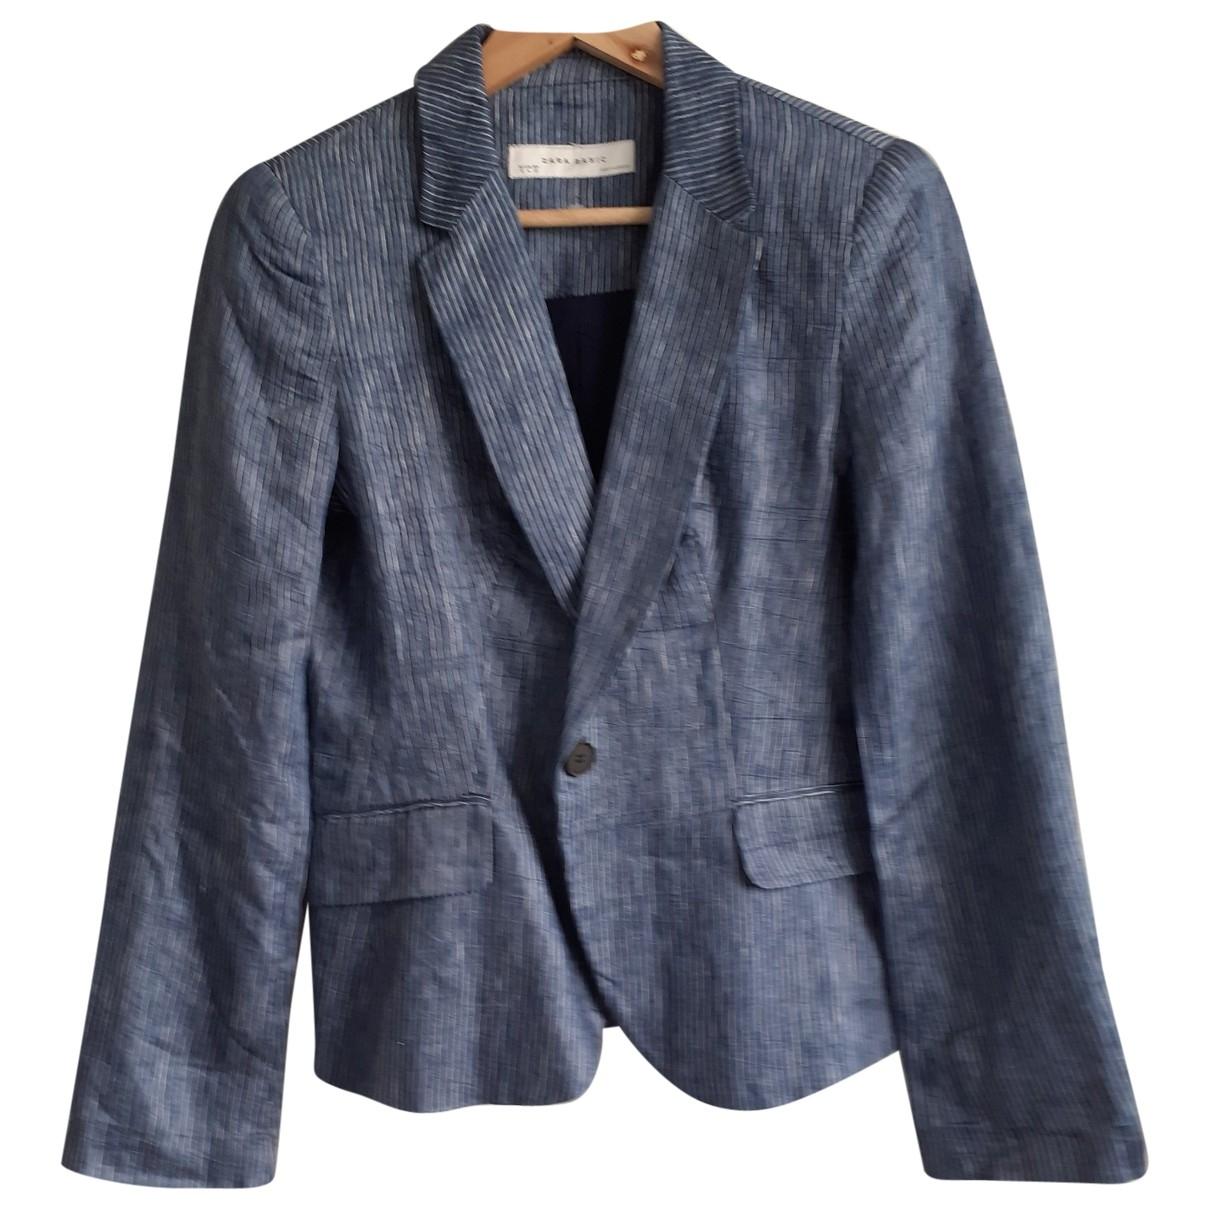 Zara - Veste   pour femme en lin - bleu